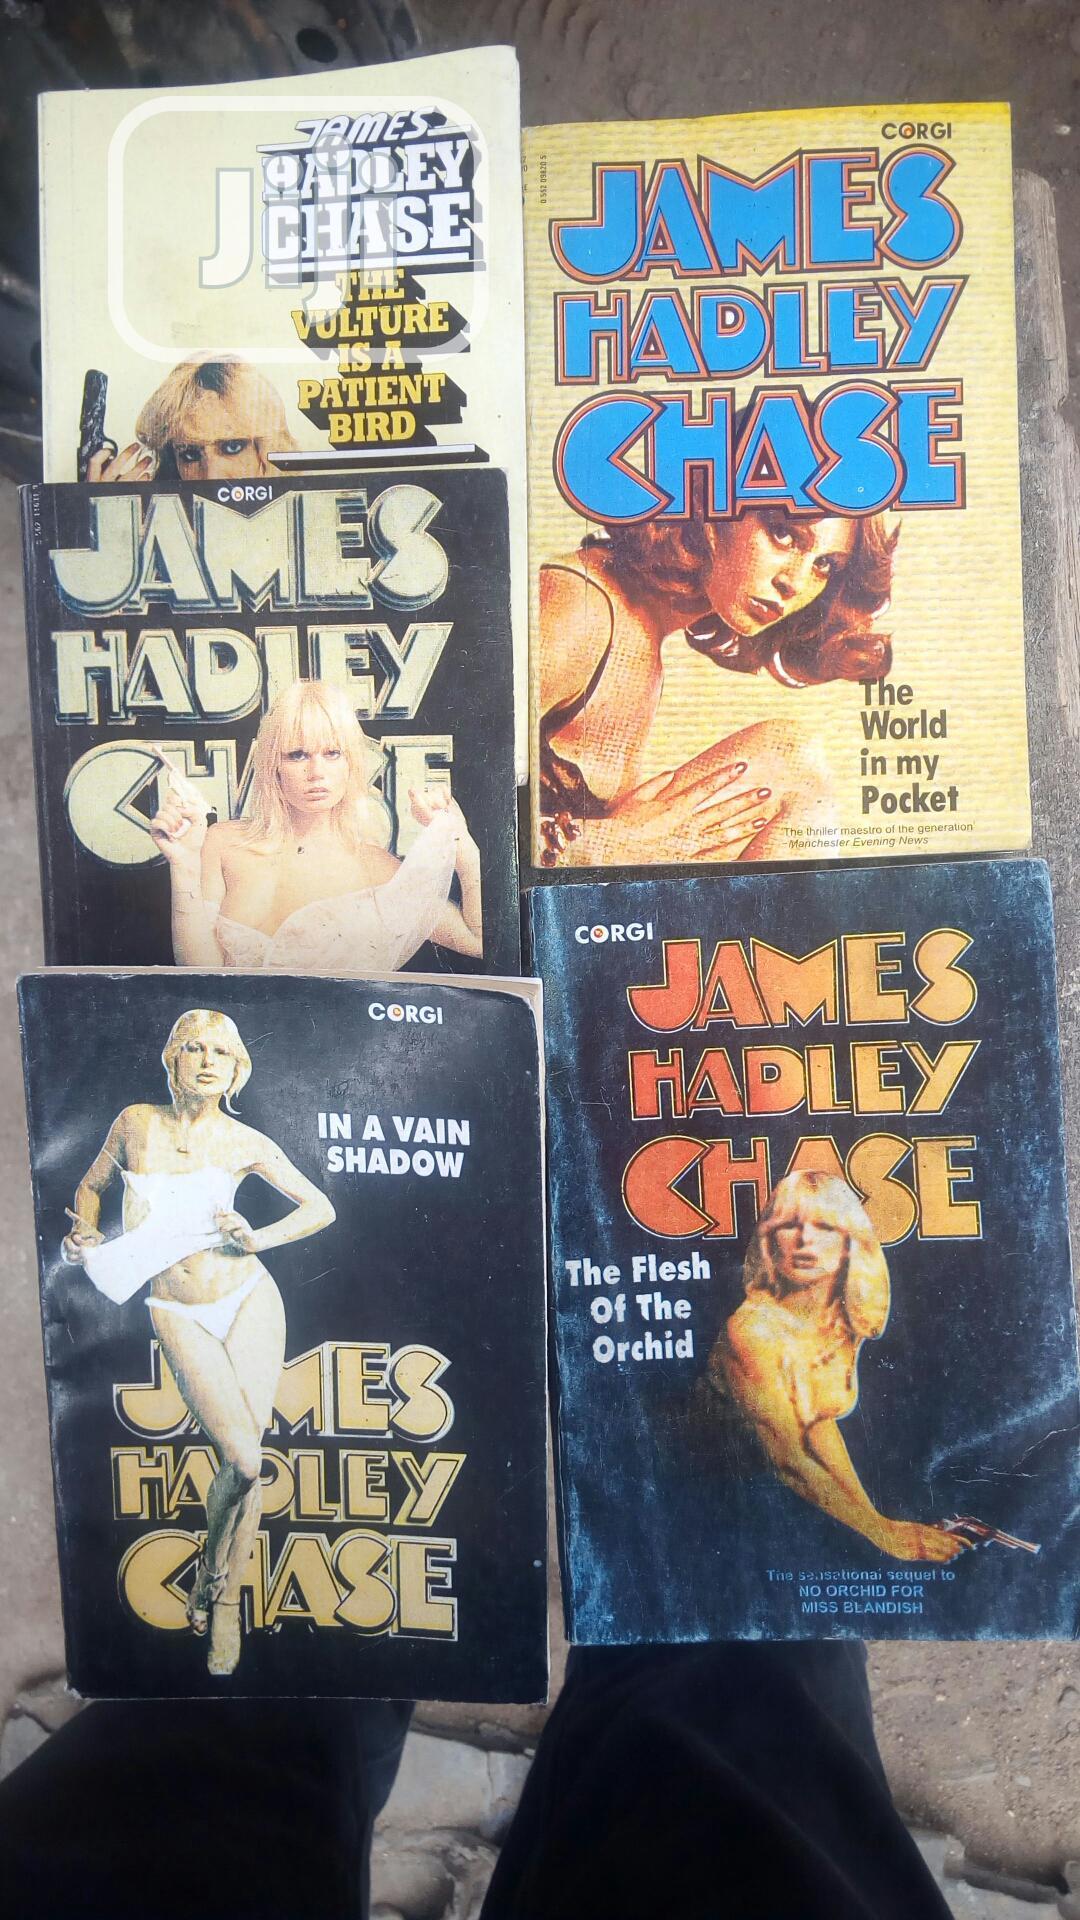 James Hardly Chase